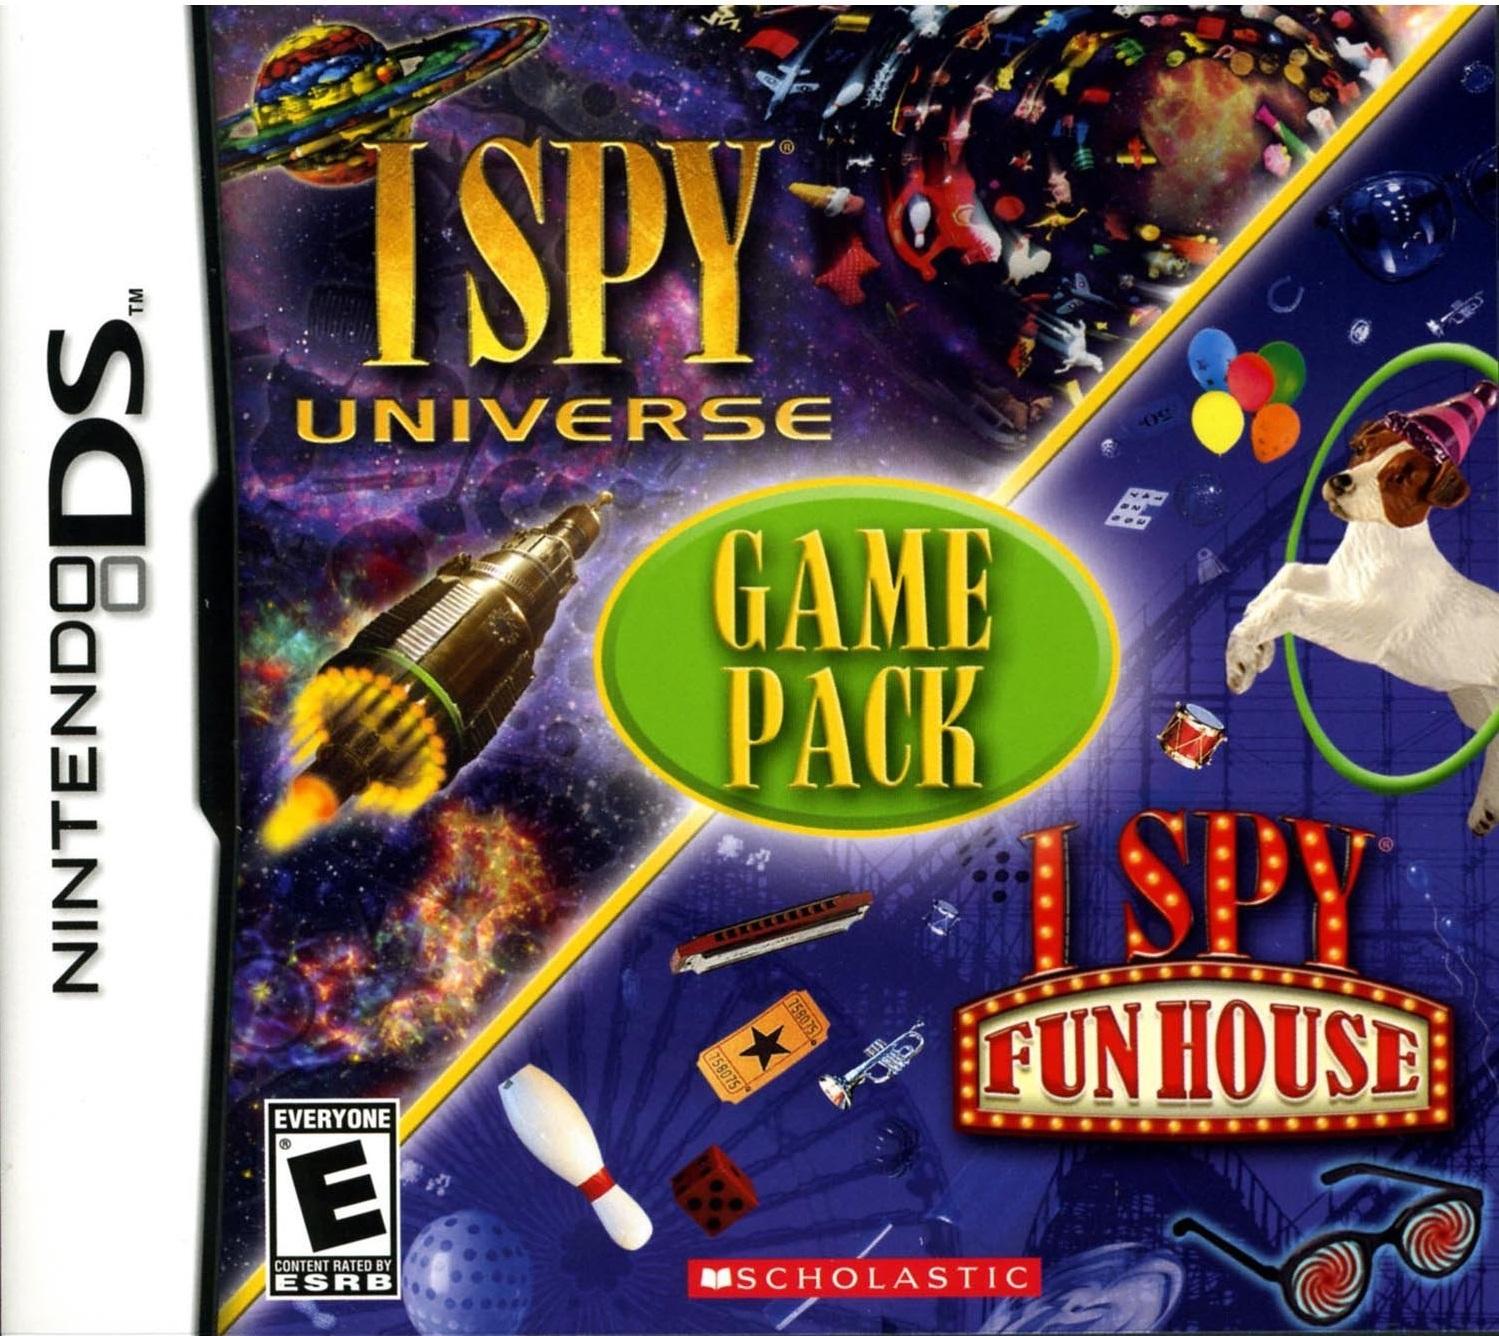 I Spy Game Pack